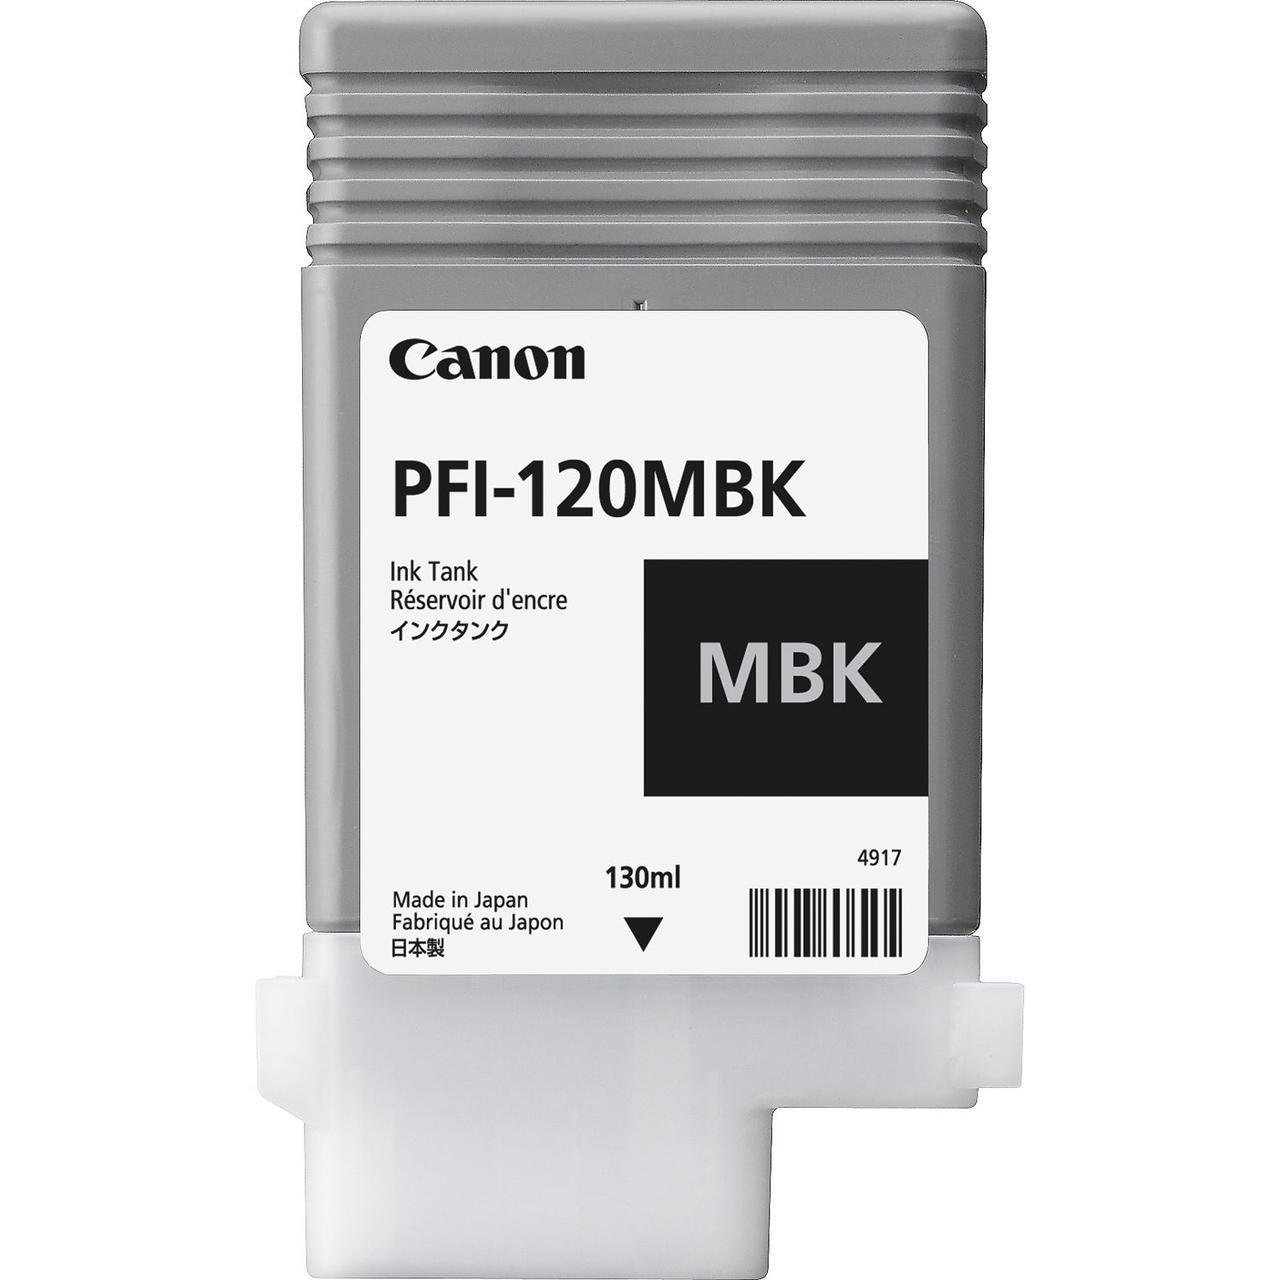 Картридж Canon PFI-120MBK для TM-200/300, Matte Black, 130 мл